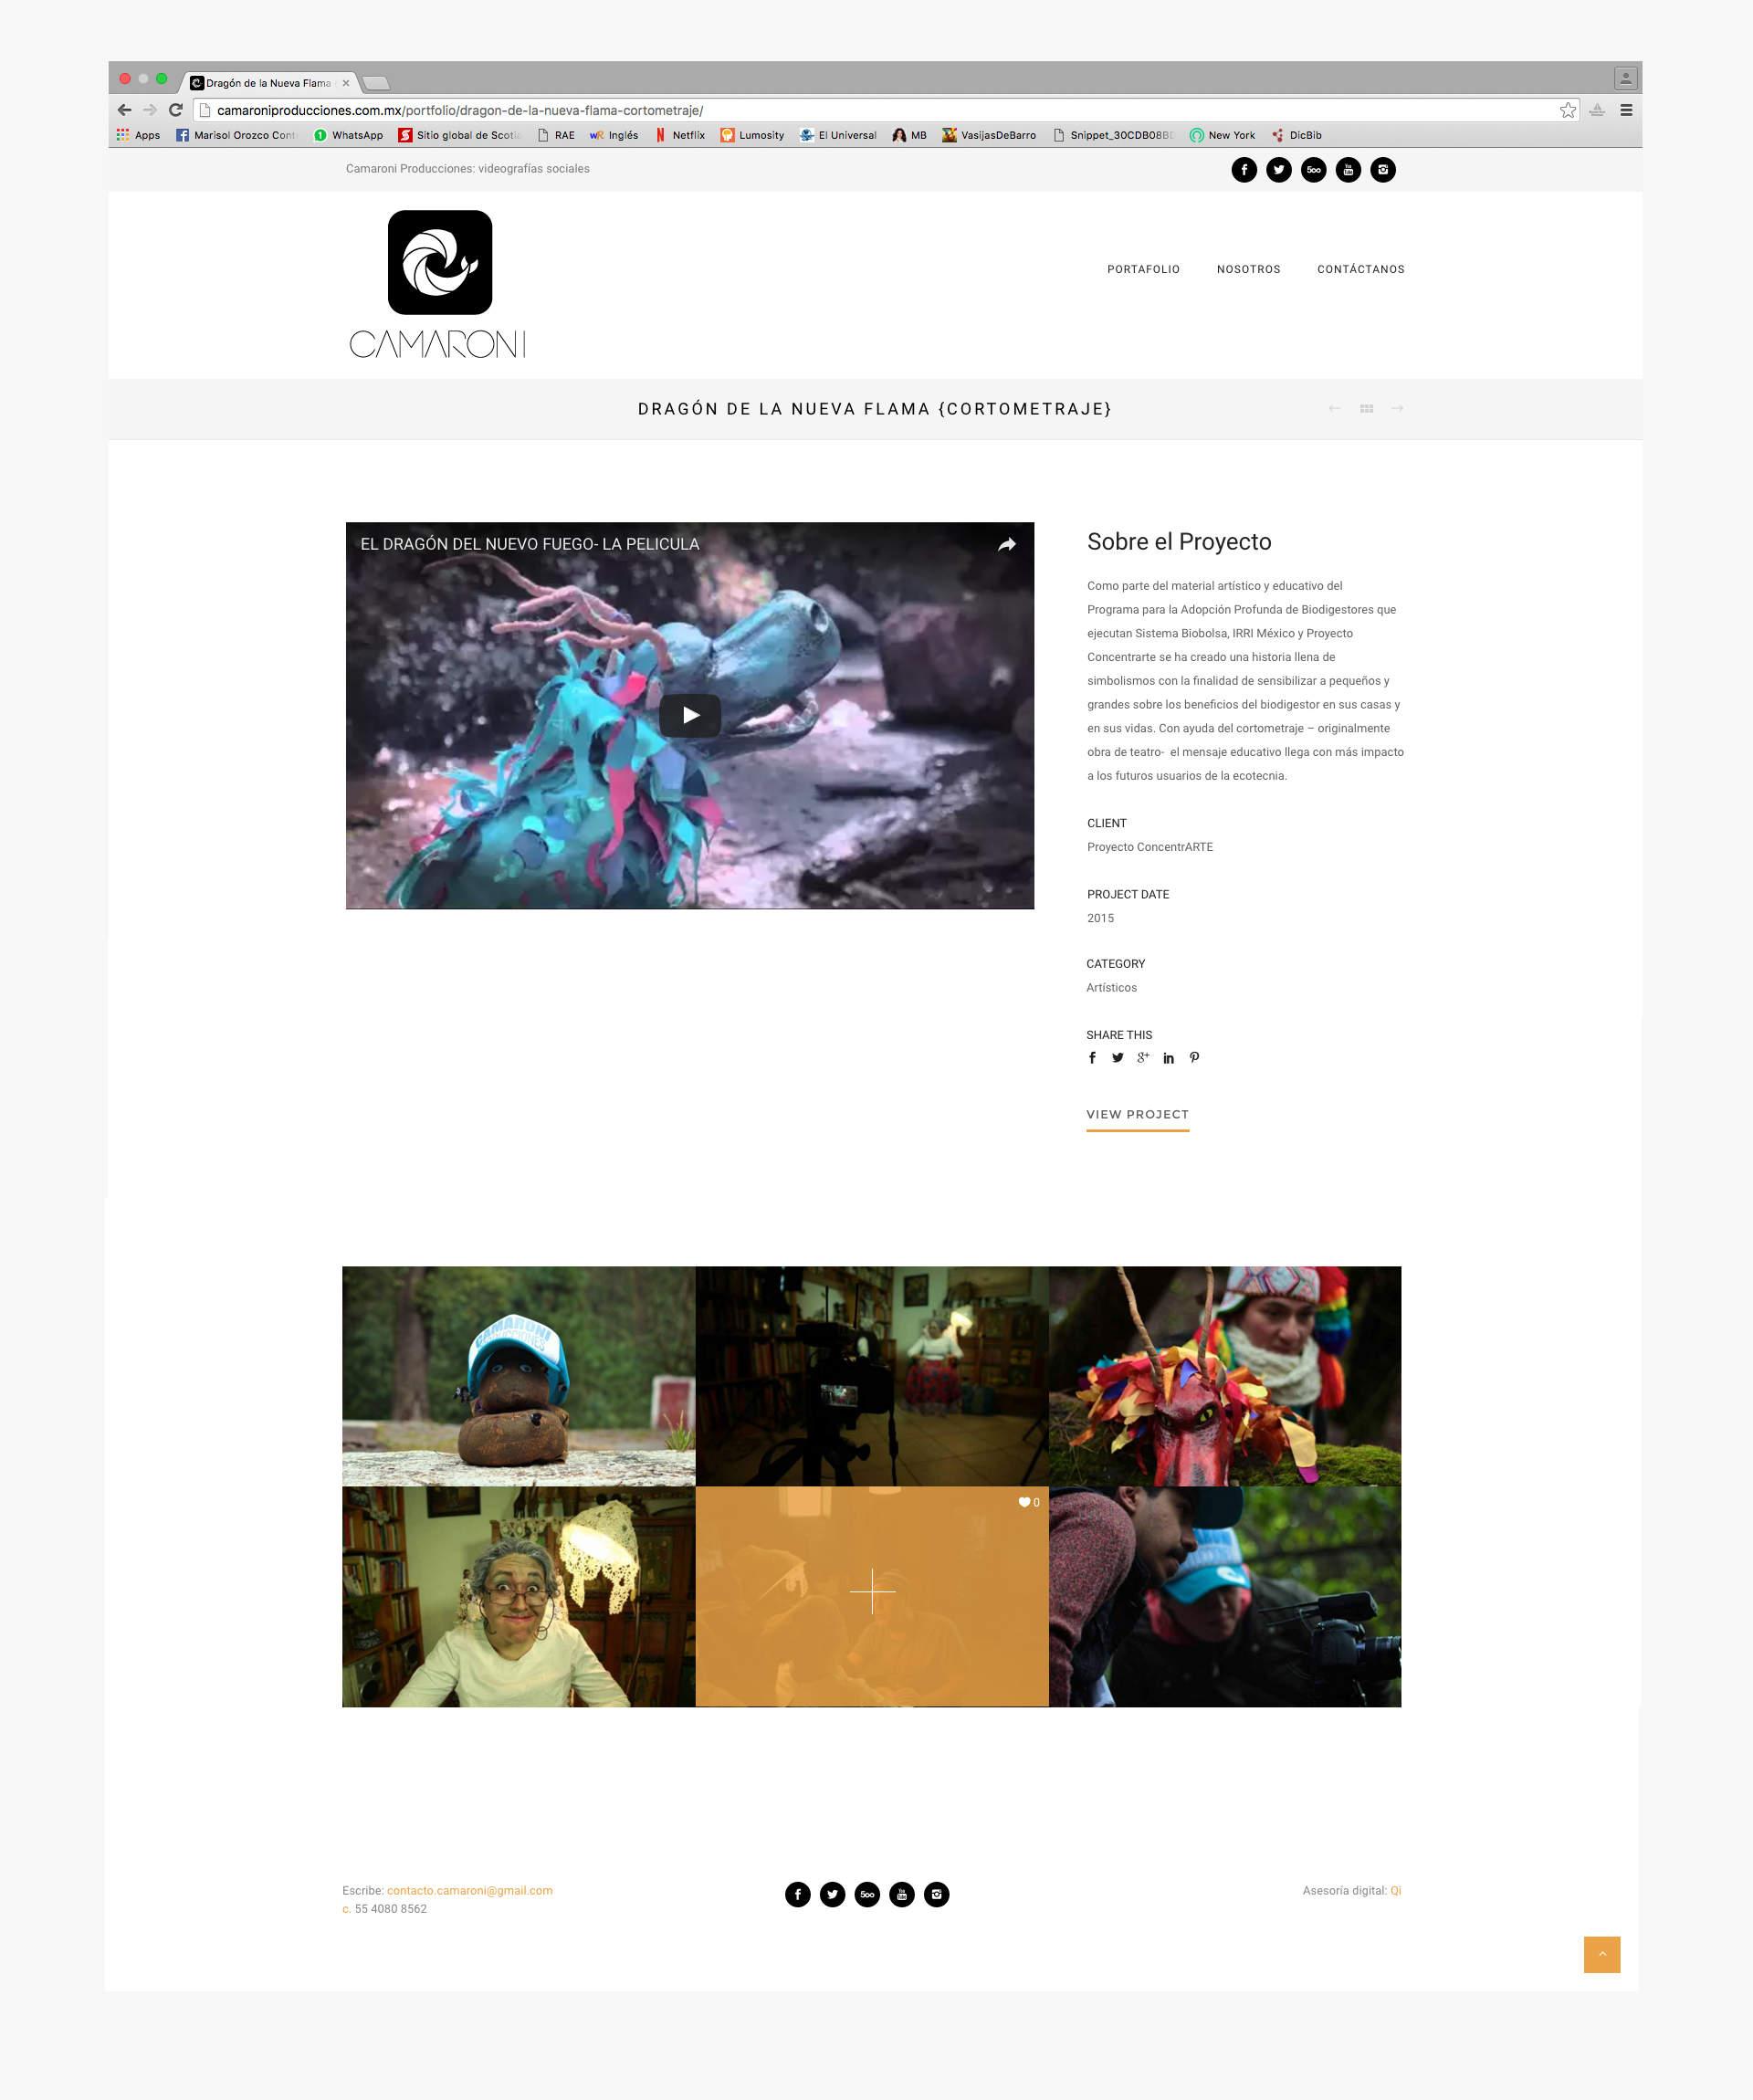 Parte del portafolio de camaroni producciones en su sitio web